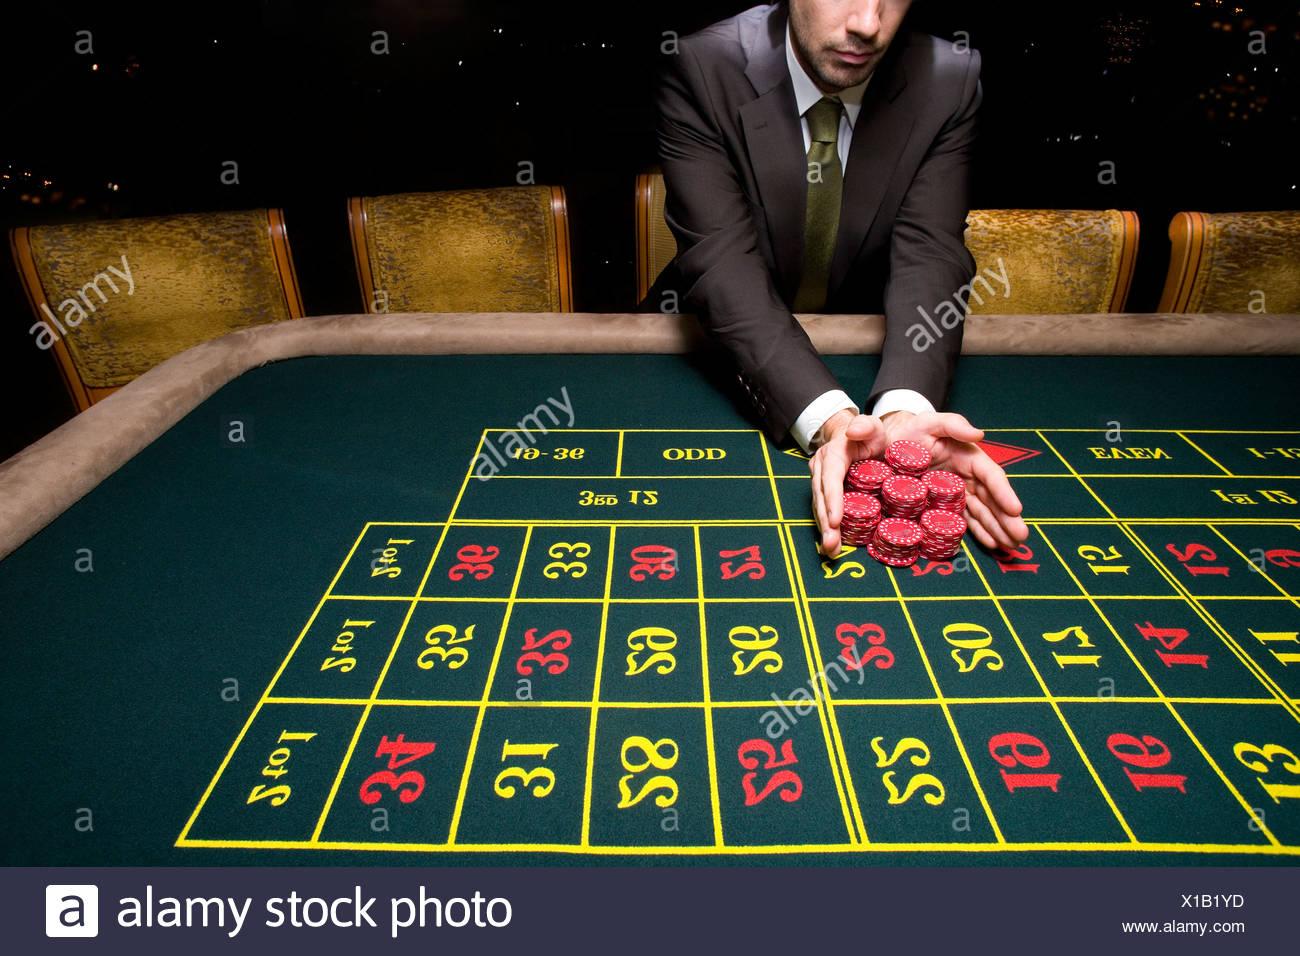 liberty slots casino no deposit codes 2018